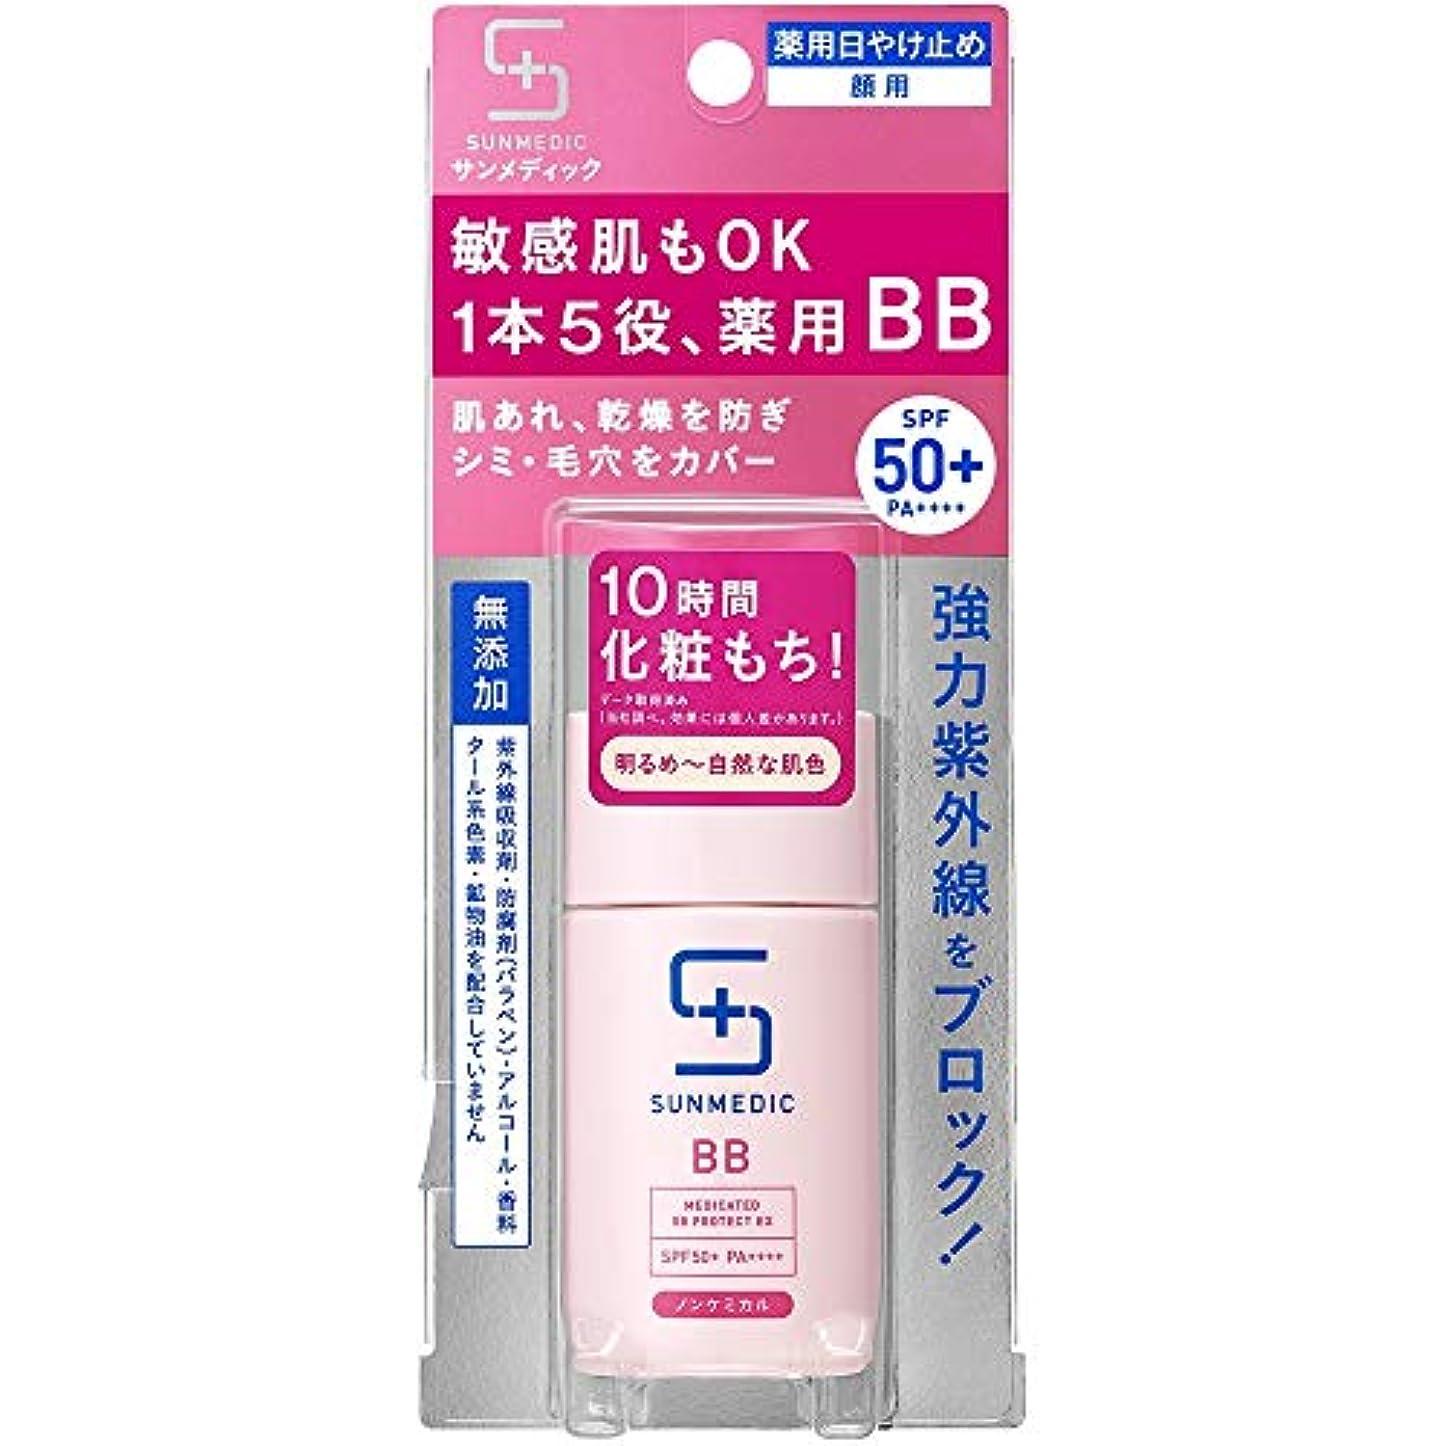 ドレスエゴイズム称賛サンメディックUV 薬用BBプロテクトEX ライト 30ml (医薬部外品)